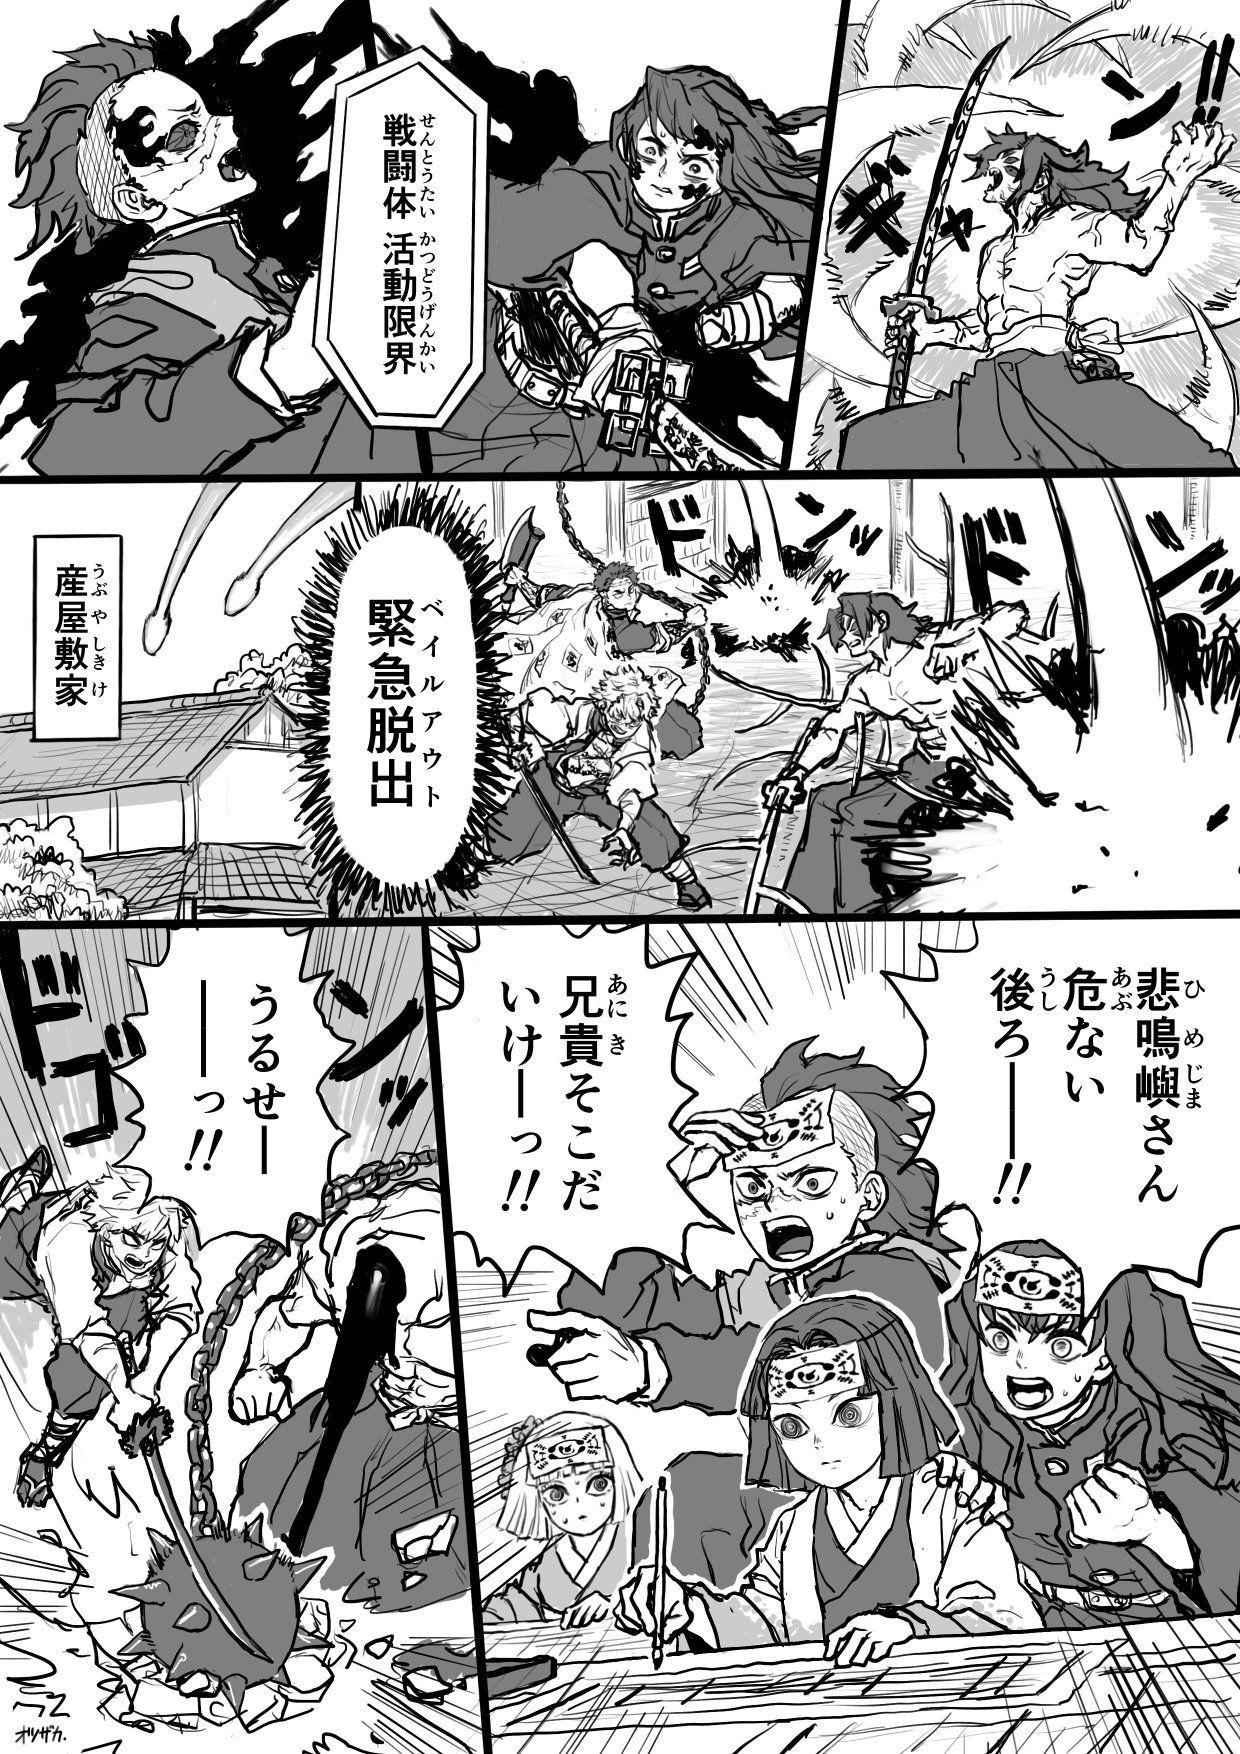 オツザカ@イラスト集通販中 on Twitter Manga, Manga anime, Anime